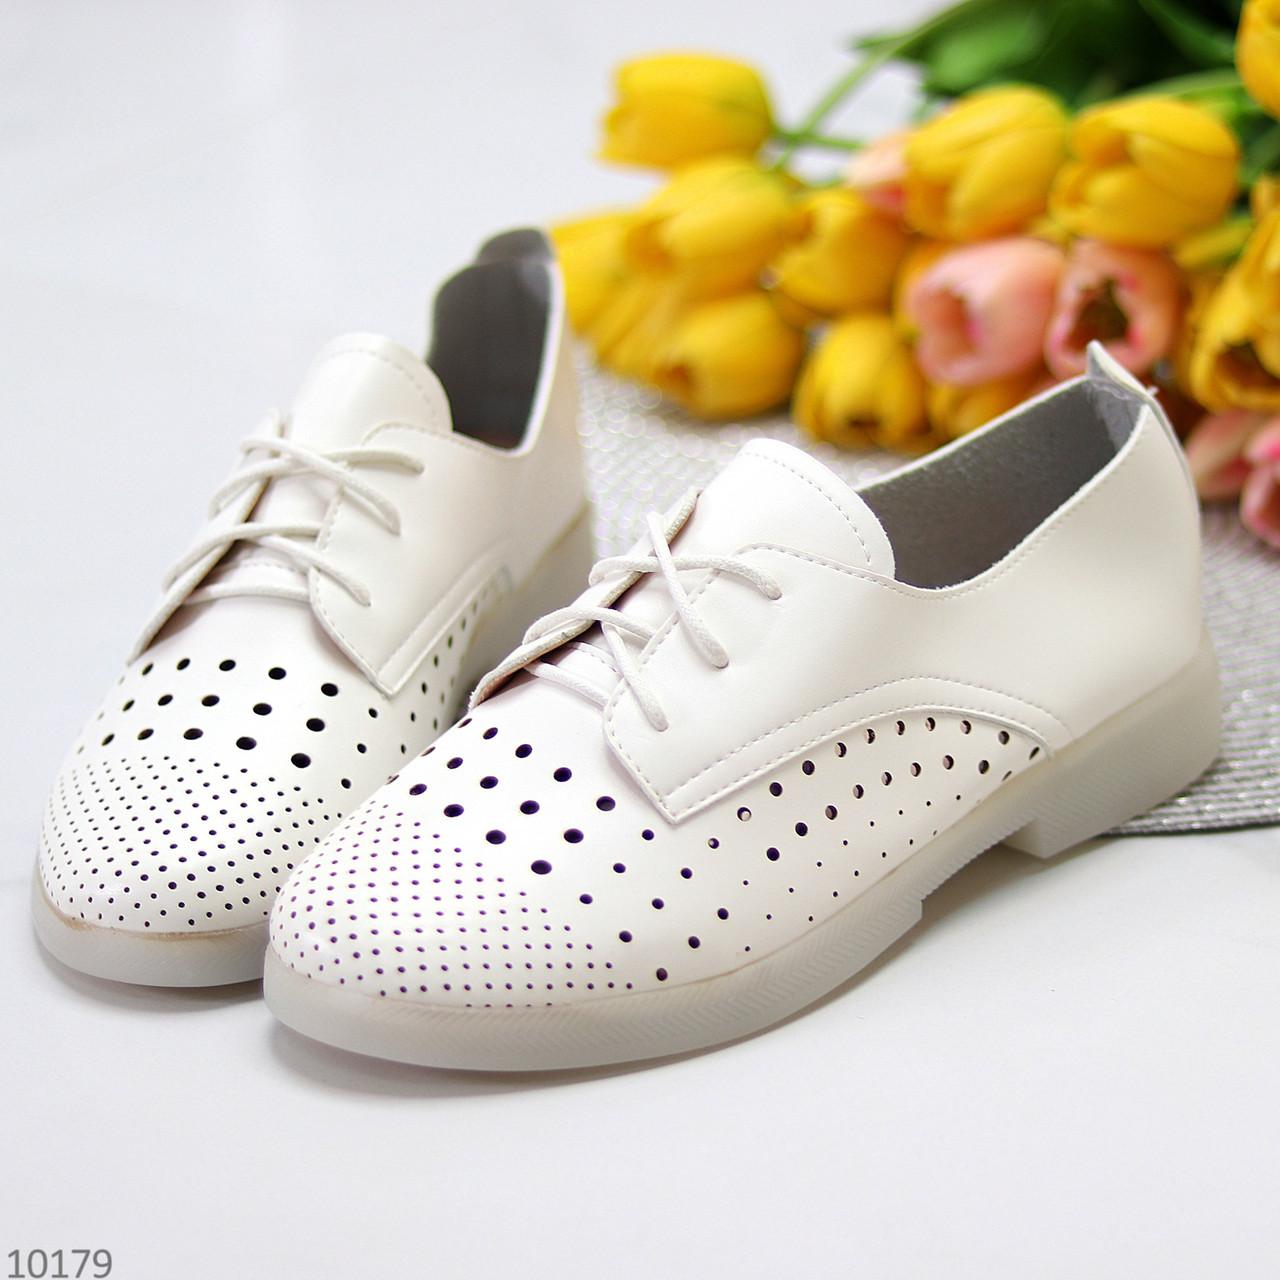 Лаконичные белые женские кожаные туфли с фигурной перфорацией